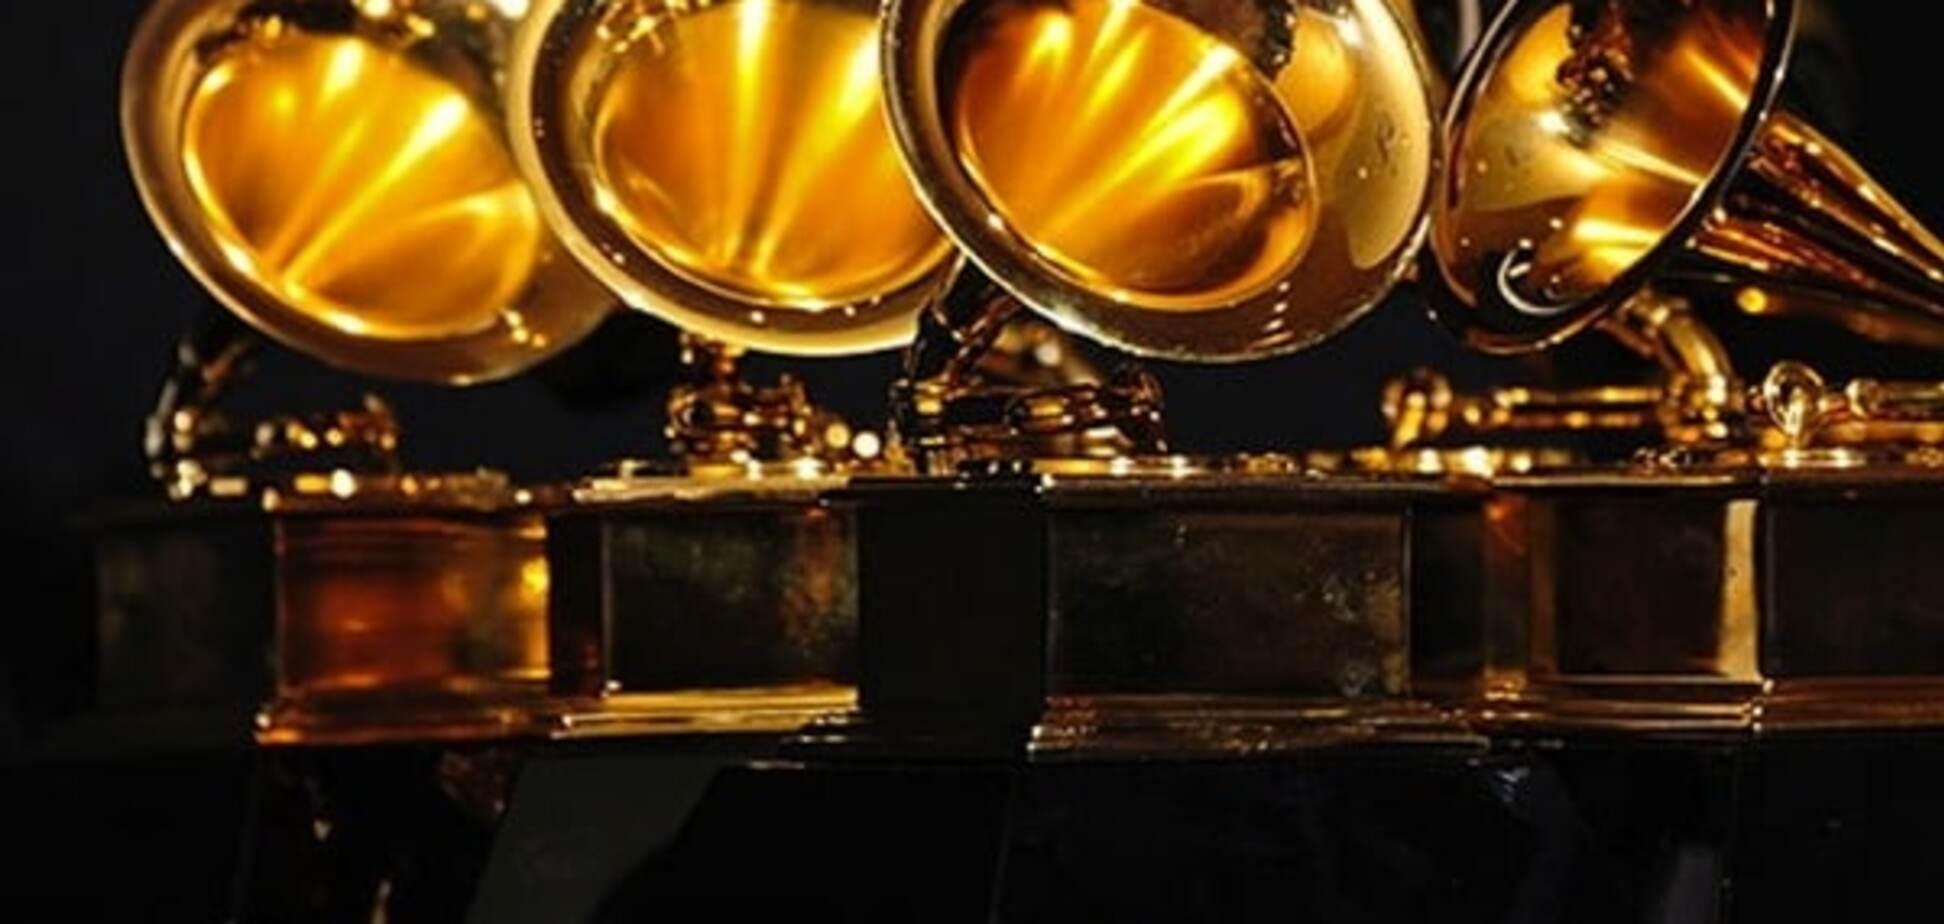 Звездная гонка началась: объявлены номинанты на премию 'Грэмми'